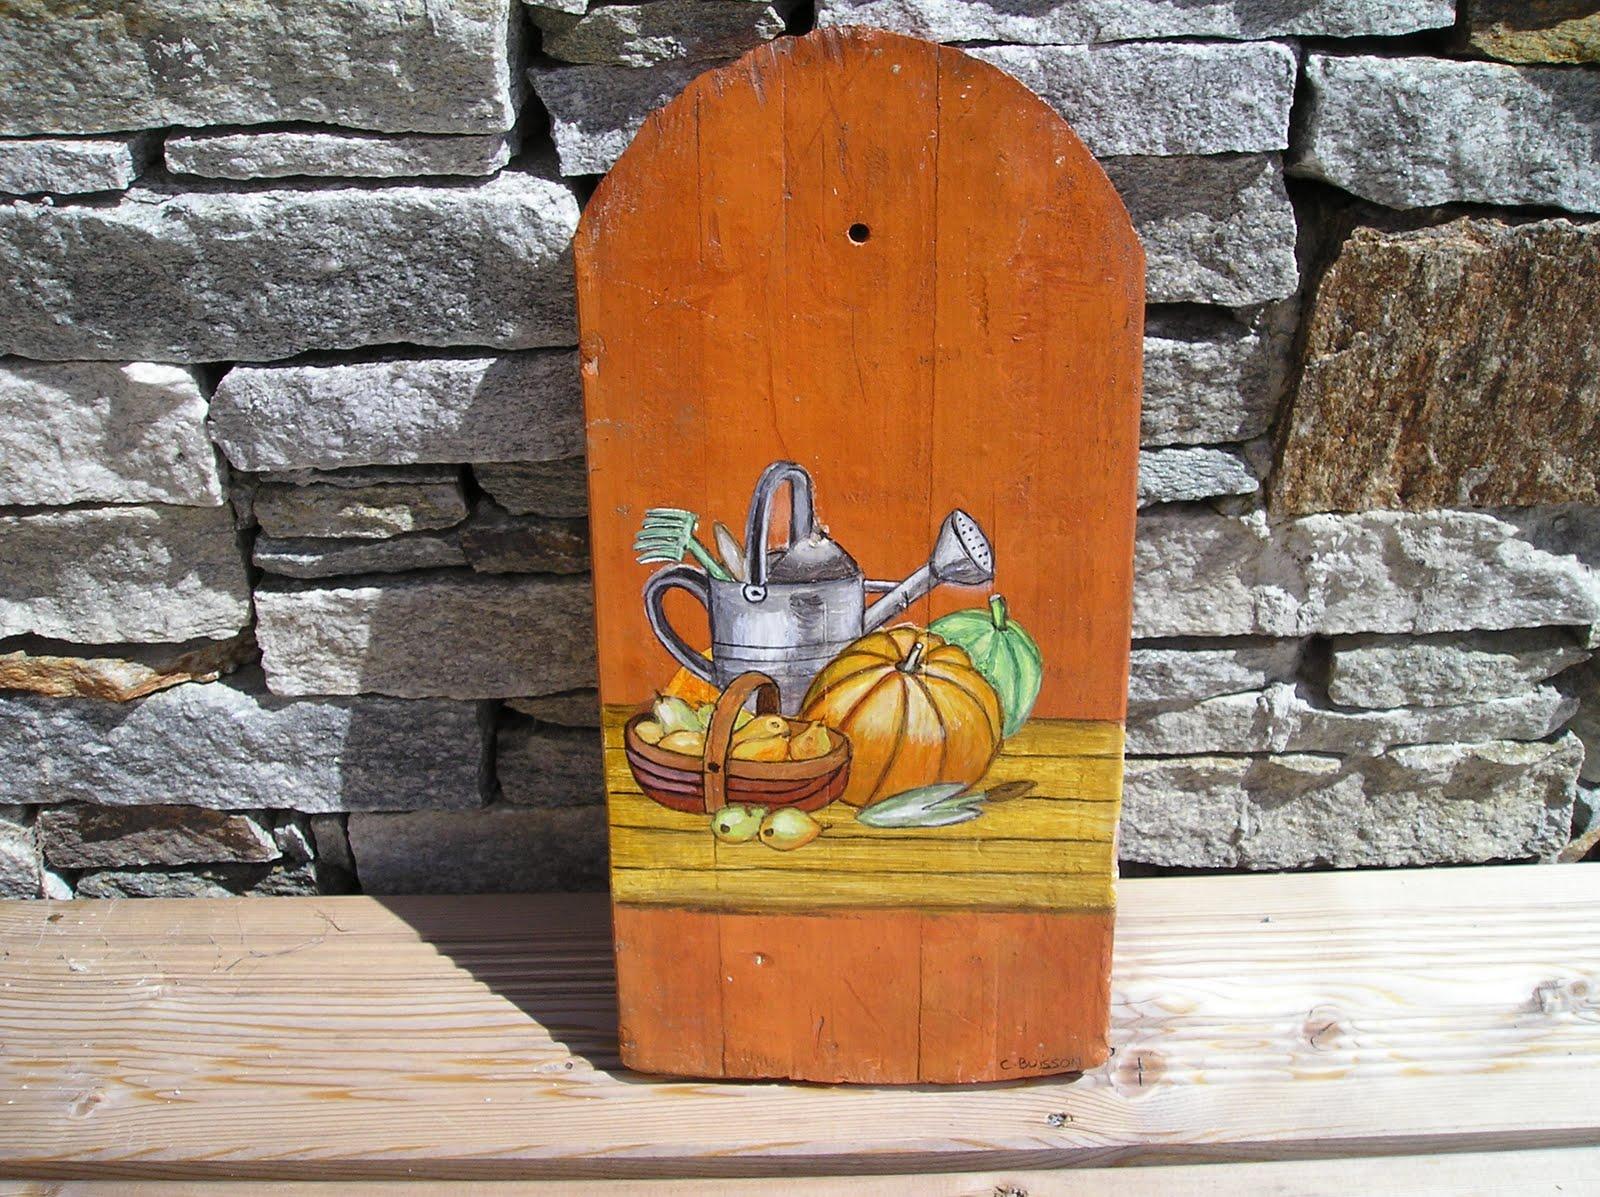 Art d co bois flott peinture d corative objets divers for Peinture sur bois flotte